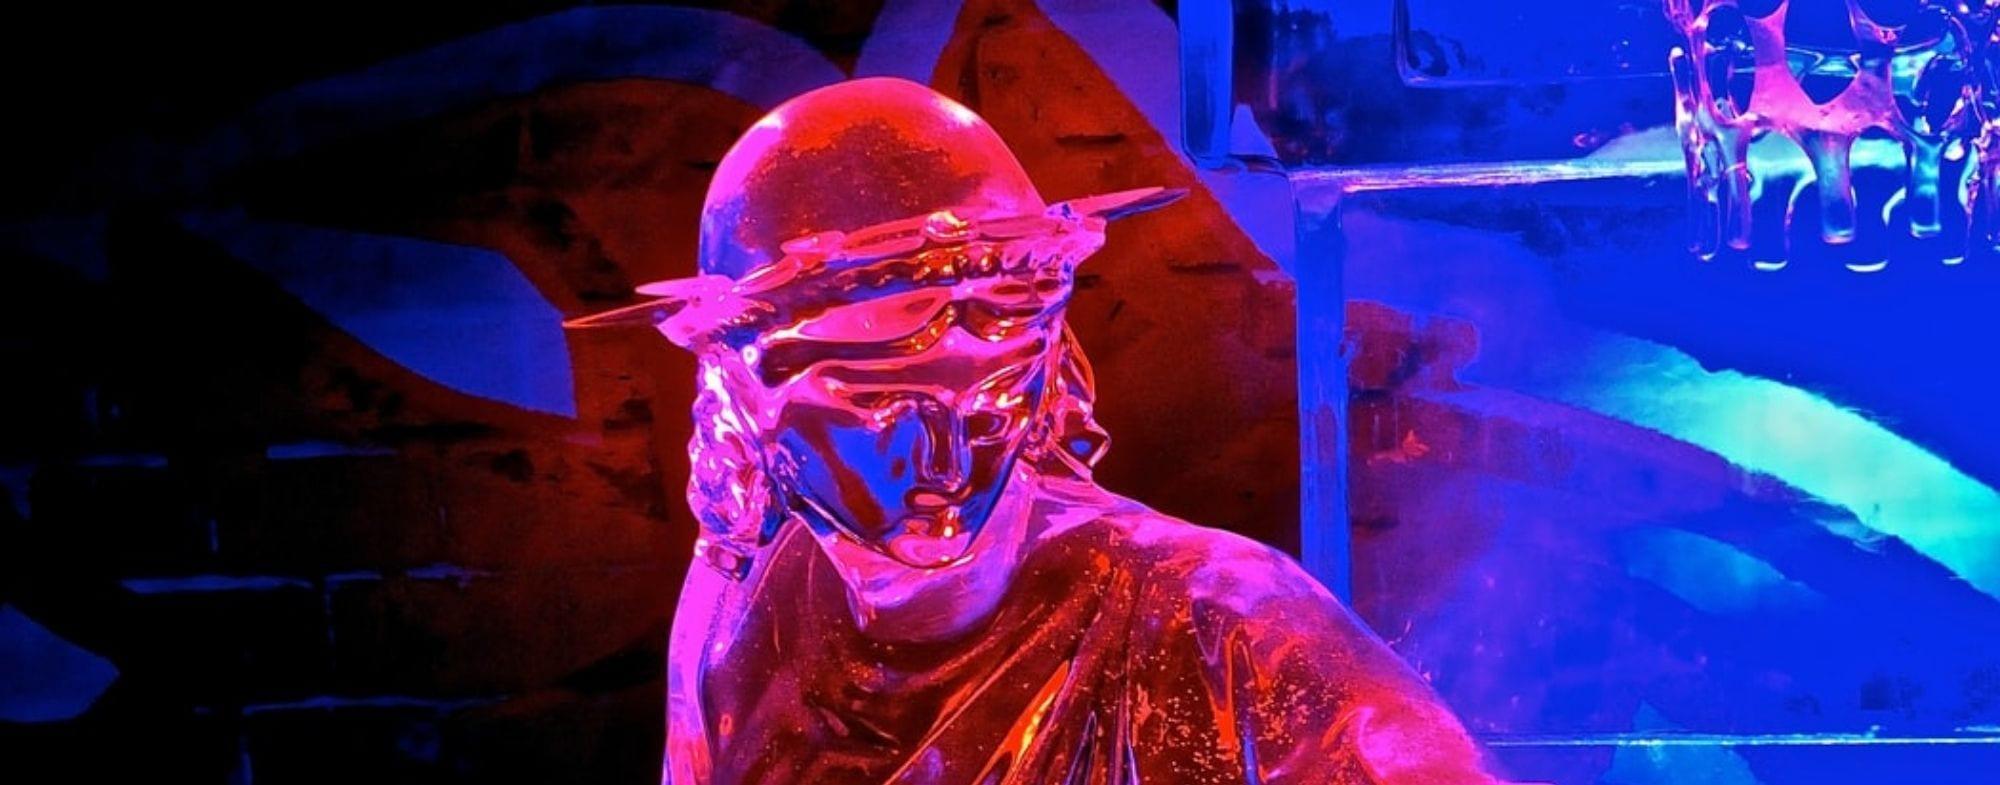 Taller de esculturas de hielo